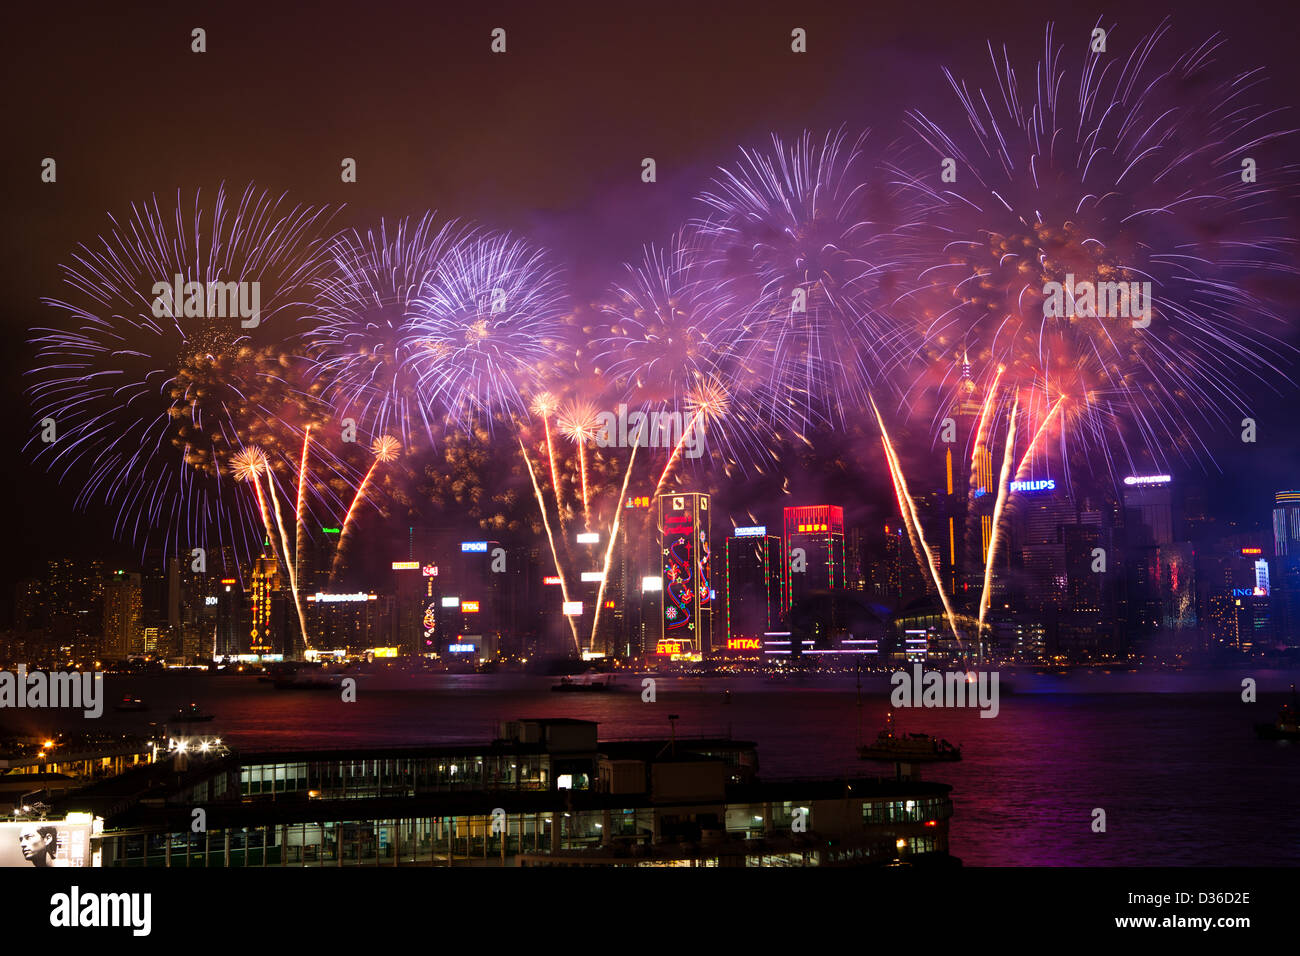 Spettacolo Pirotecnico per la celebrazione del nuovo anno lunare nel Porto Victoria della RAS di Hong Kong. Immagini Stock